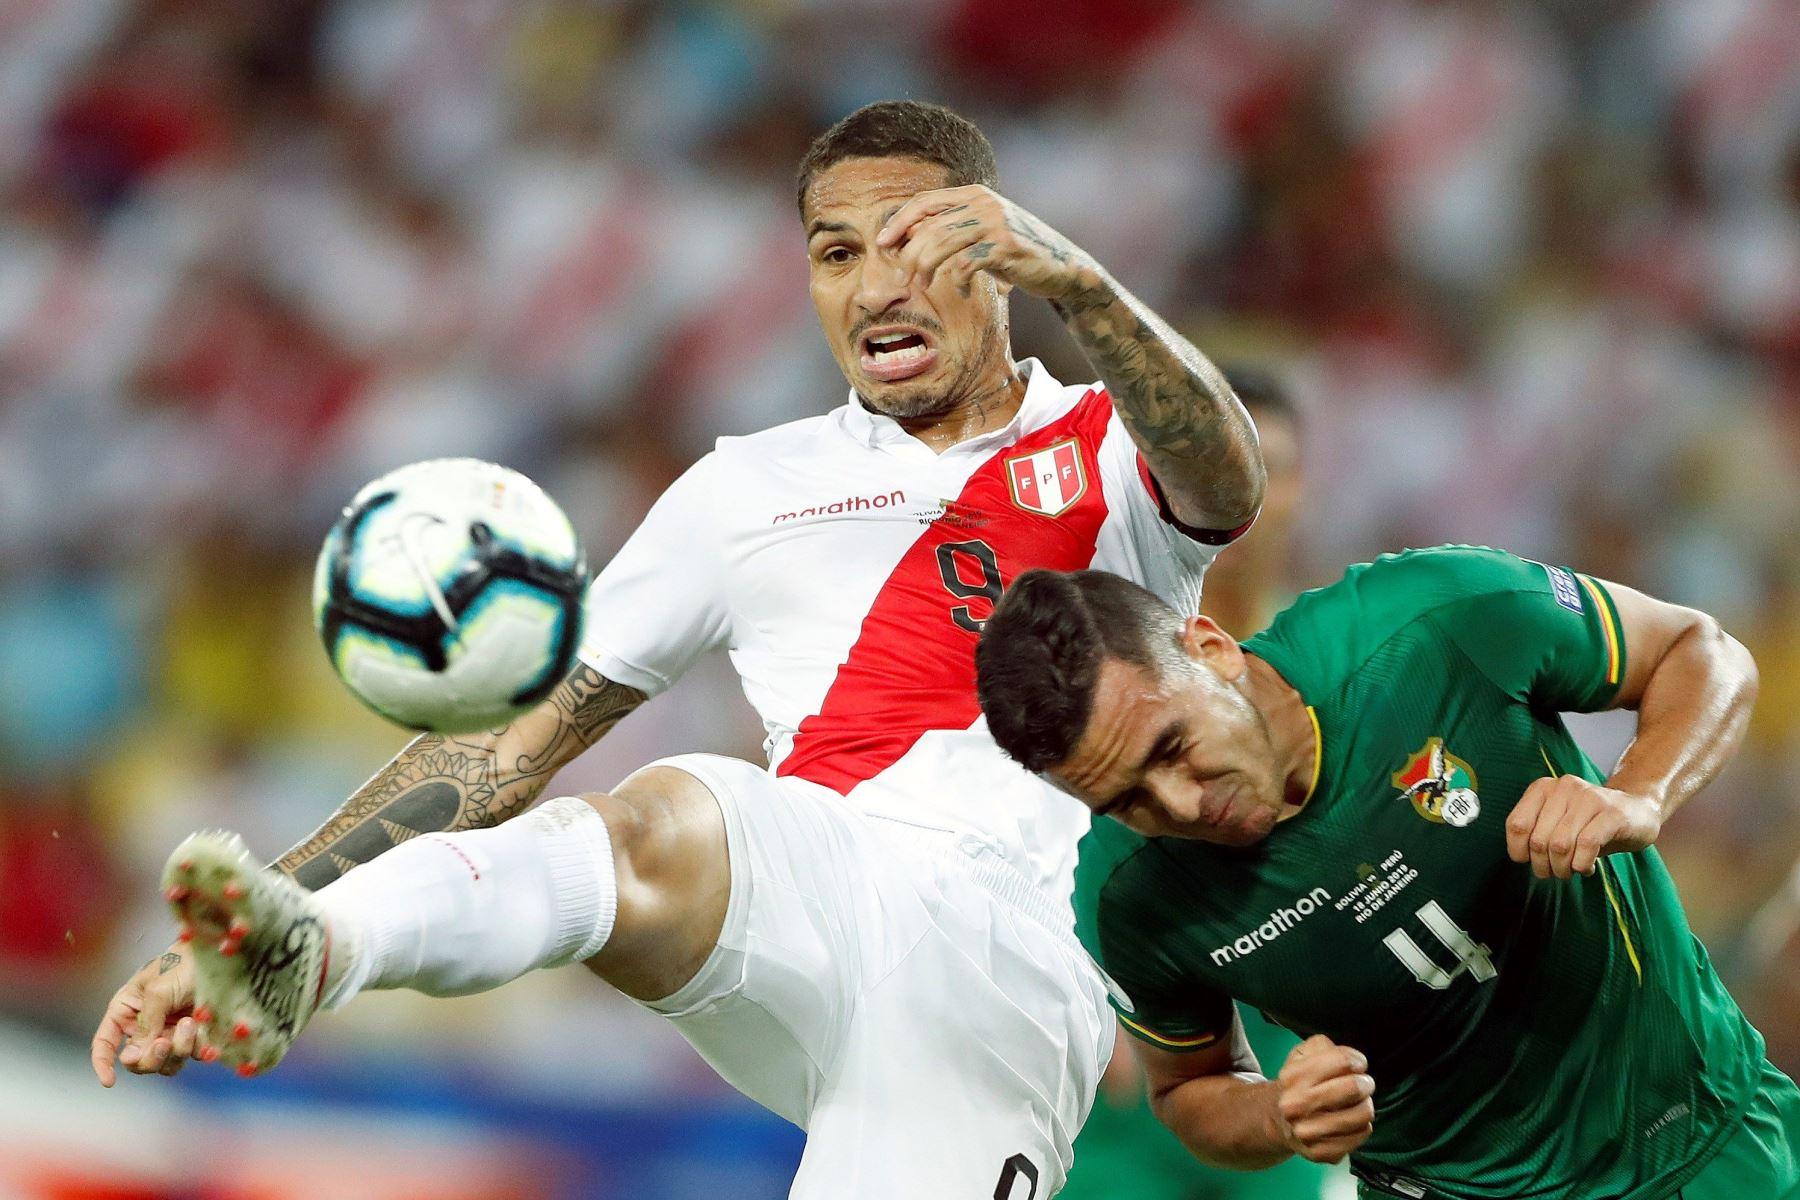 Luis Haquín (d) de Bolivia disputa el balón con Paolo Guerrero de Perú durante el partido Bolivia-Perú del Grupo A de la Copa América de Fútbol 2019. Foto:EFE